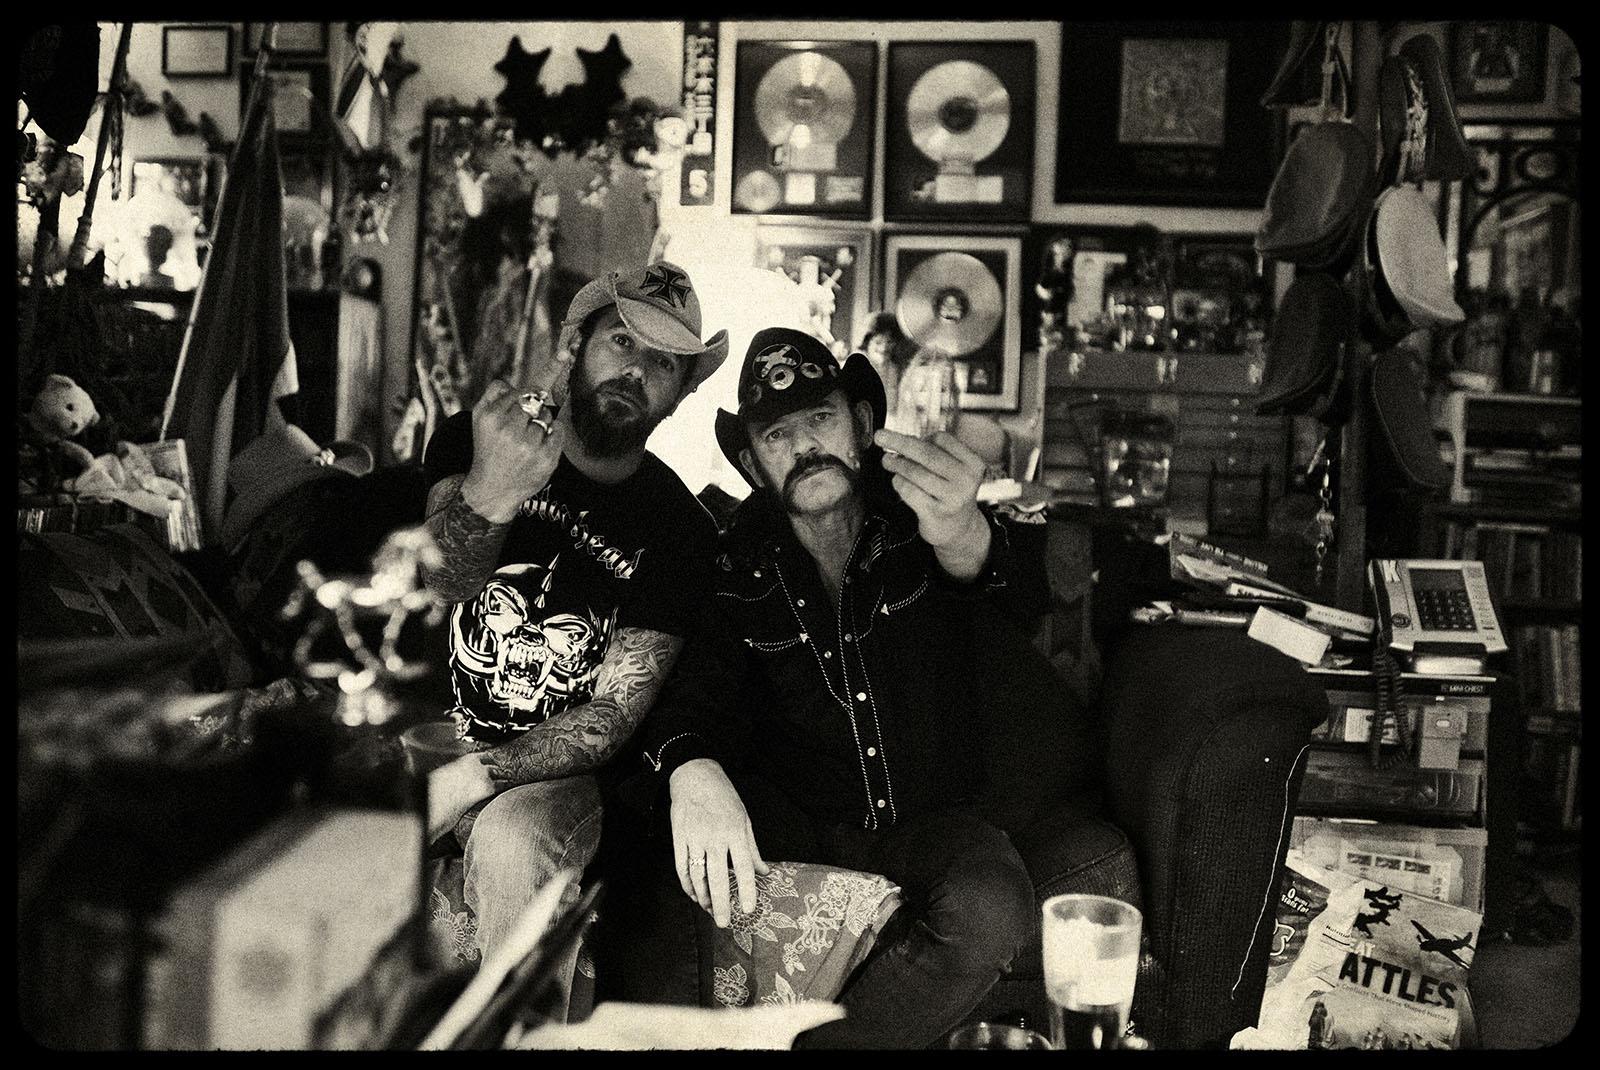 Motörhead Los Angeles, Califórnia.  Março de 2010. Pep Bonet e Lemmy Kilmister em sua casa em Los Angeles assistindo documentários da Segunda Guerra Mundial em seu sofá.  O Motörhead, originalmente chamado Bastard, é uma banda de heavy metal de vida longa e icônica da Inglaterra formada em 1975. Eles são amplamente reconhecidos como progenitores do thrash metal, uma fusão de heavy metal e o que logo se tornaria punk hardcore.  Conseqüentemente, eles influenciaram inúmeras bandas de rock, punk rock e heavy metal que se seguiram.  Os membros da banda são: Lemmy Kilmister - baixo e voz, Phil Campbell - guitarra e vocal de apoio e Mikkey Dee na bateria.